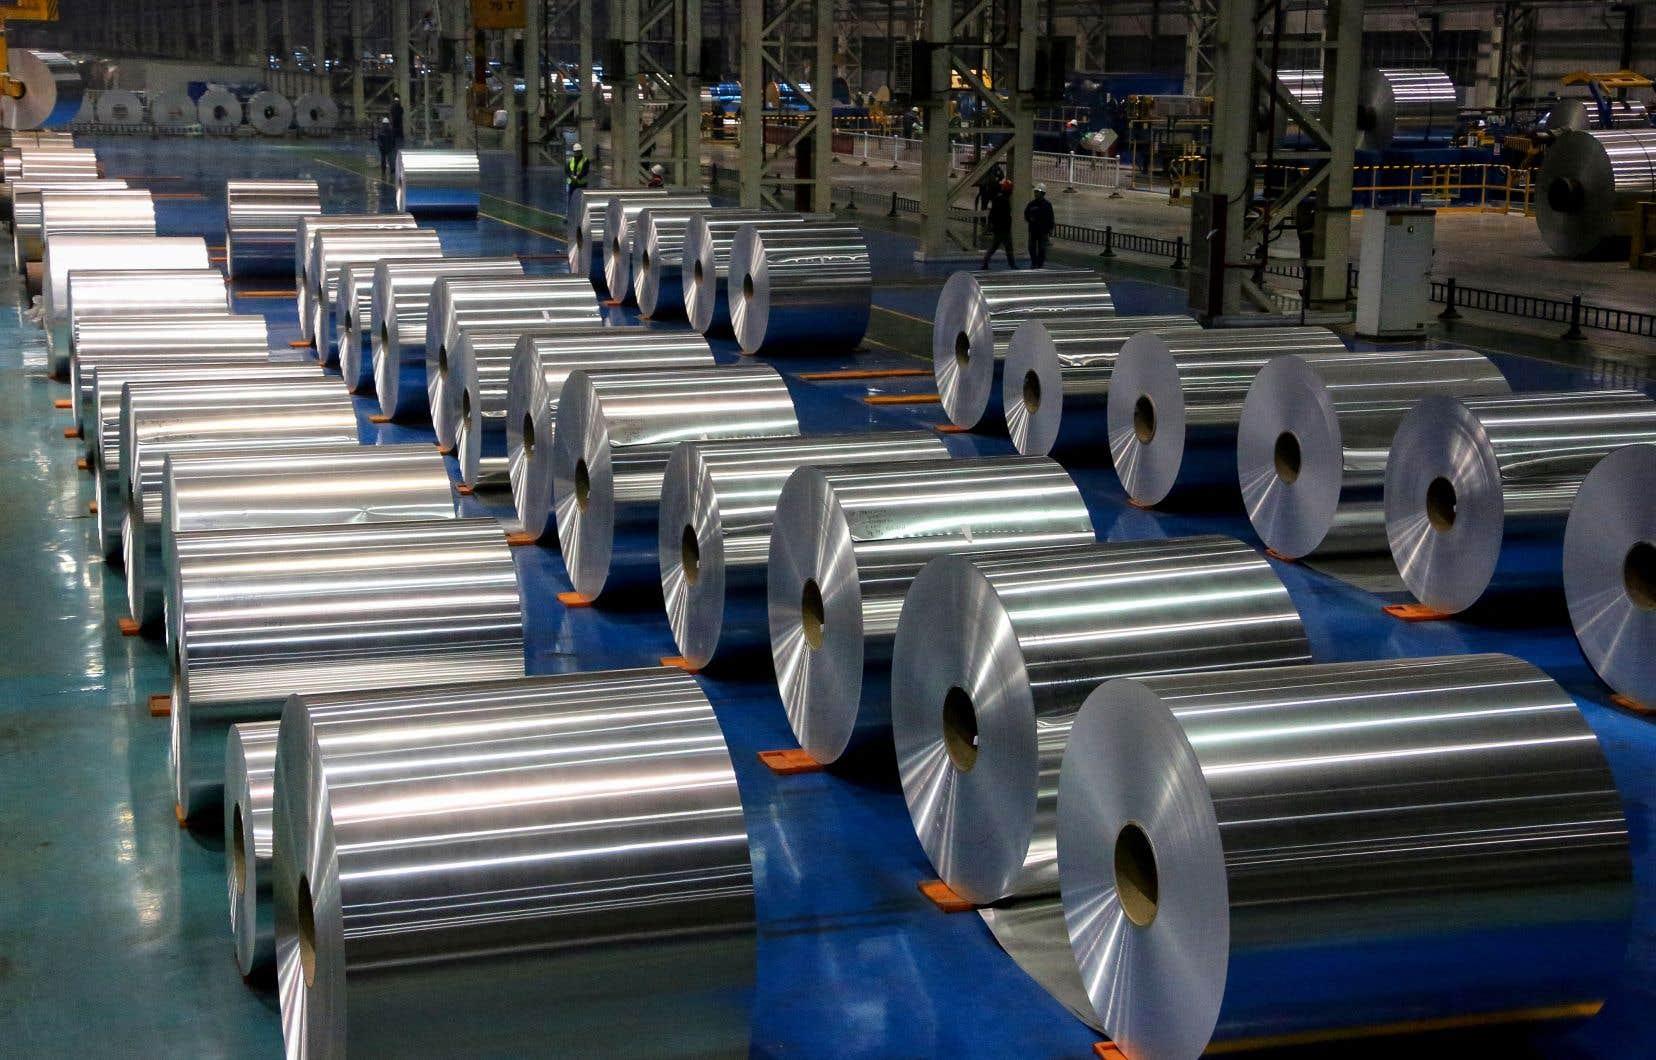 Le prix de l'aluminium a atteint lundi 3000 dollars américains la tonne sur le marché des métaux de Londres, nouveau plus haut depuis 2008.